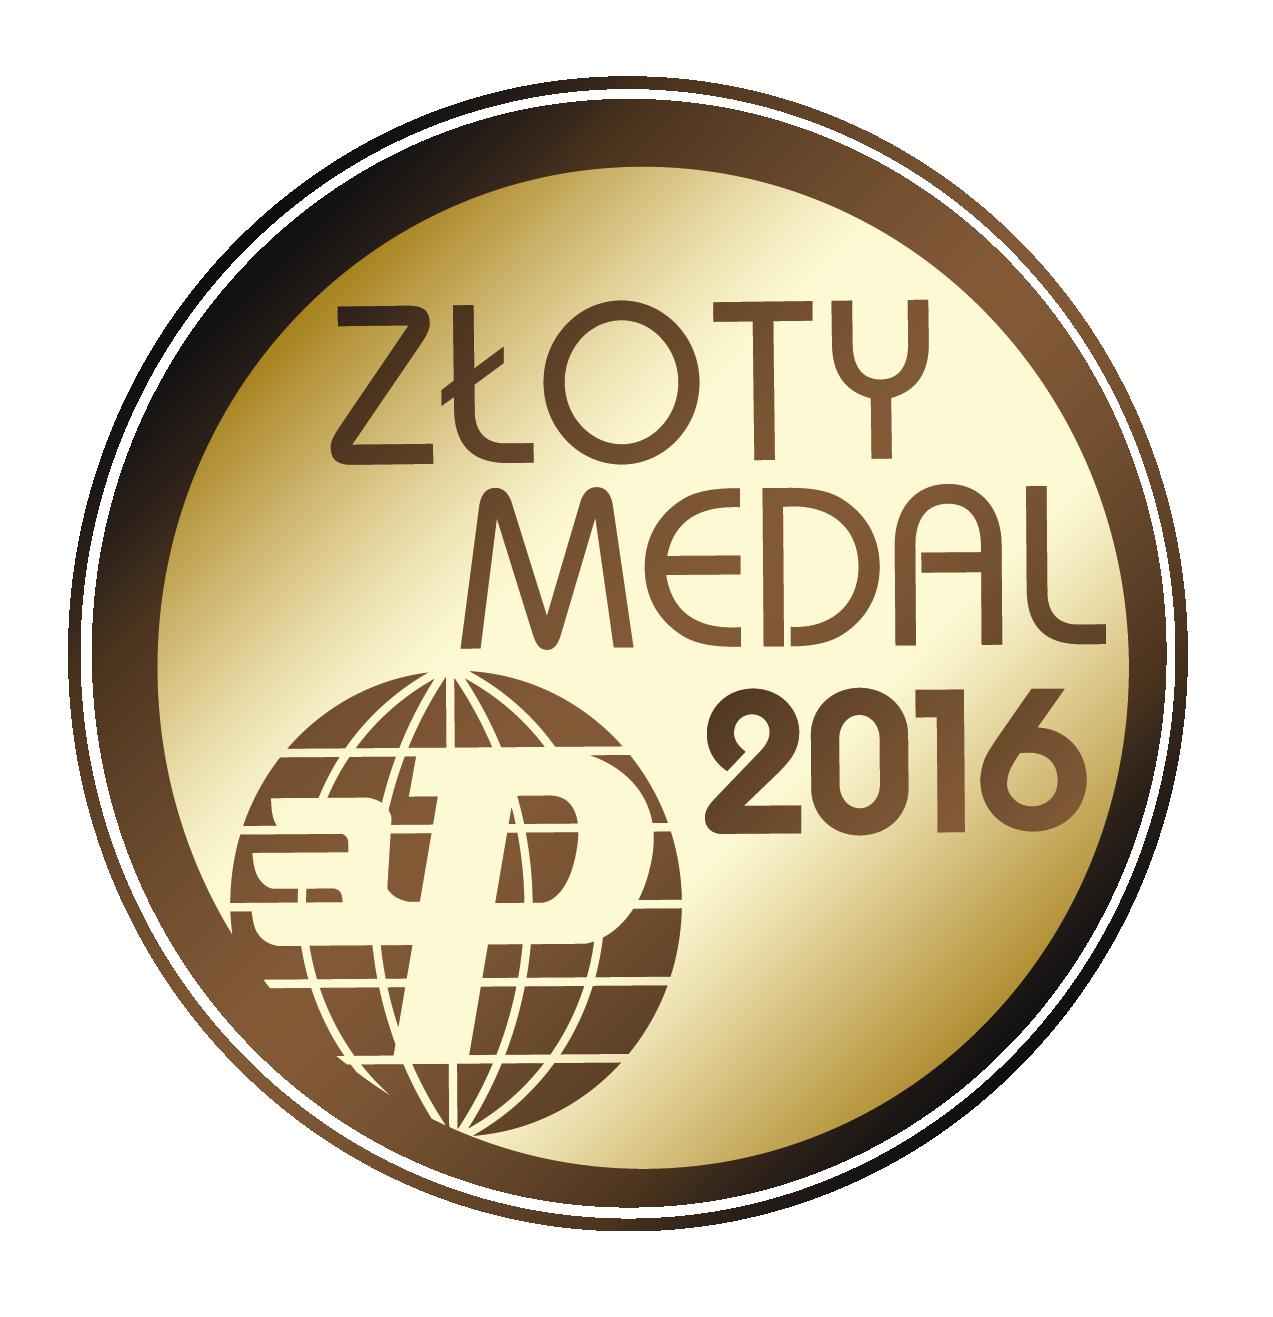 Lengyelországban több mint 100 ezer résztvevője van évente annak a piackutatásnak, melyben  kategóriánként lehet értékelni az idei év termékeit. Idén az Agmamito kollekciójából az Essenza  szövet lett a Zlotyi medál nyertese. Reméljük a termék Magyarországon is hasonlóan elégedett  vásárlókra talál!